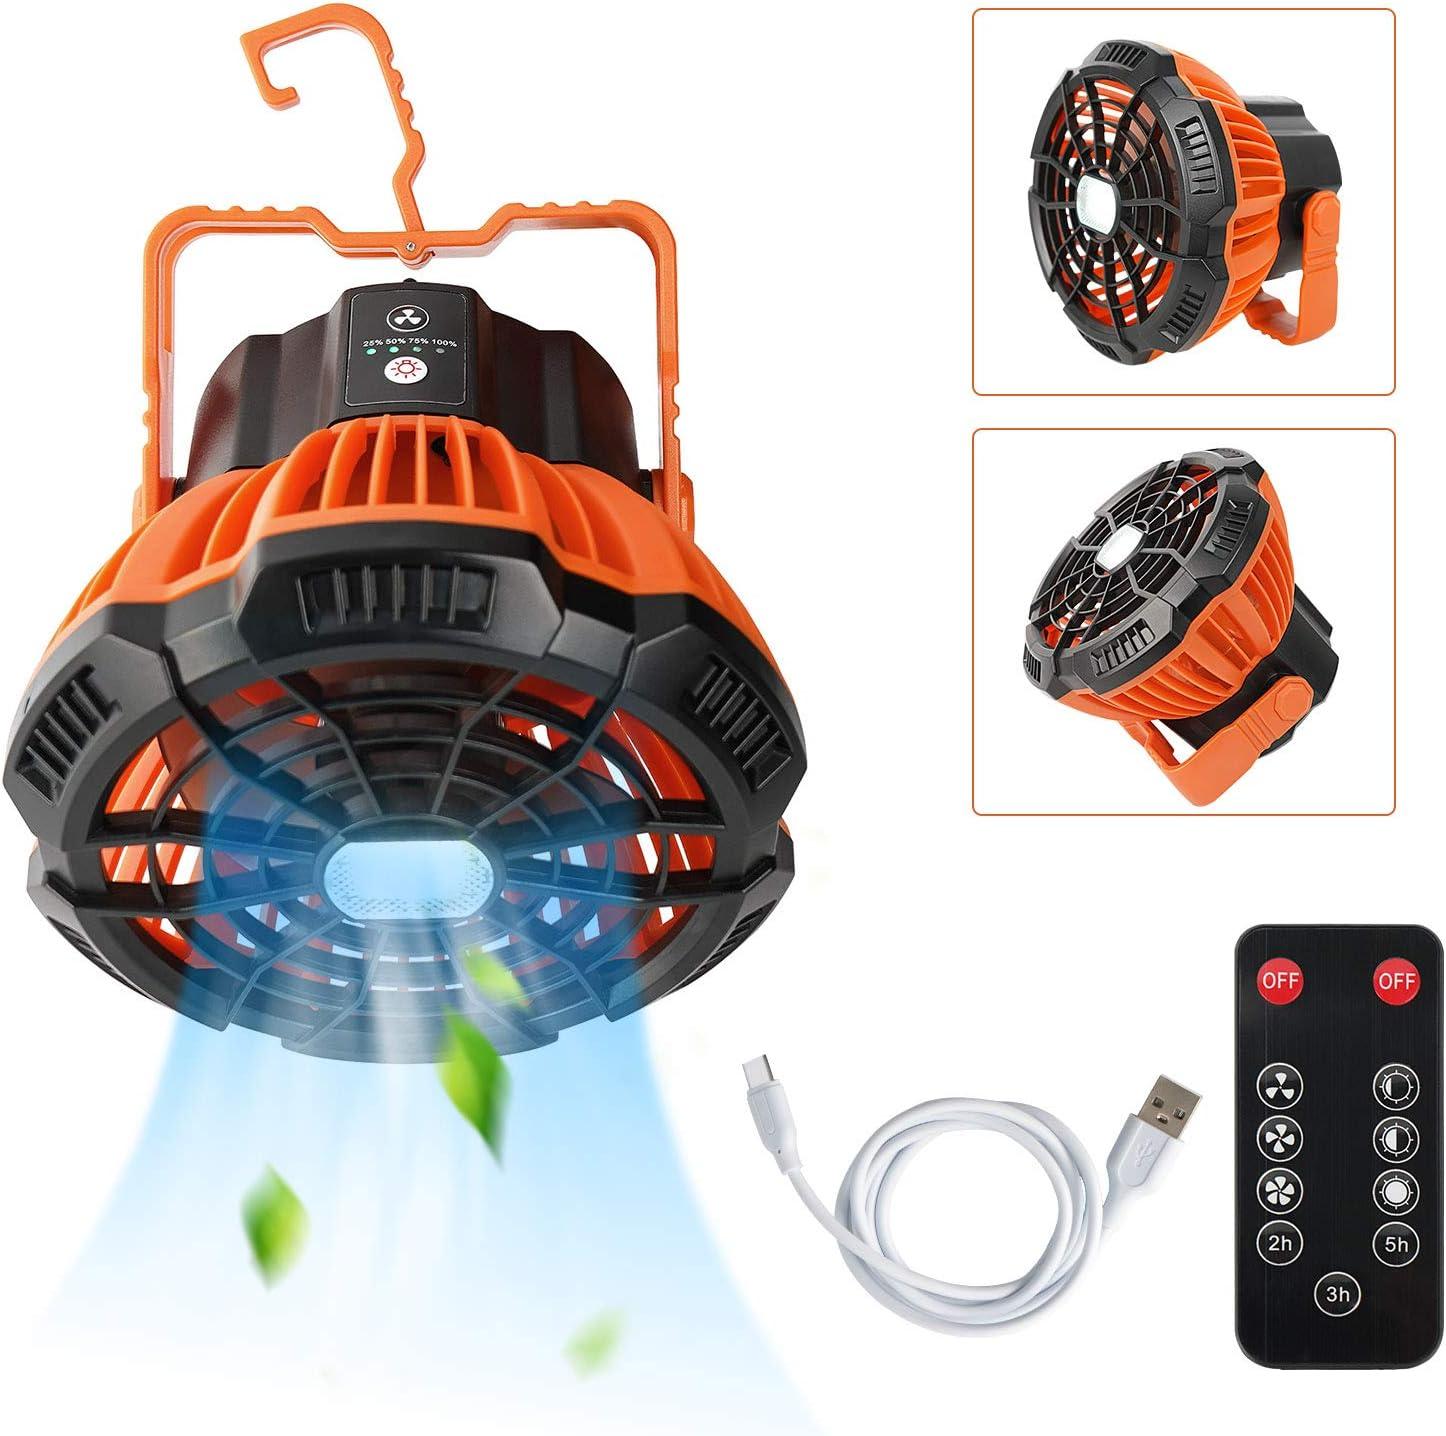 Ventilador Portátil Ultra Silencioso, 5200mAh USB Recargable Ventilador Camping con Iluminación LED, para Hogar Exterior Oficina Camping Viajes Carpas